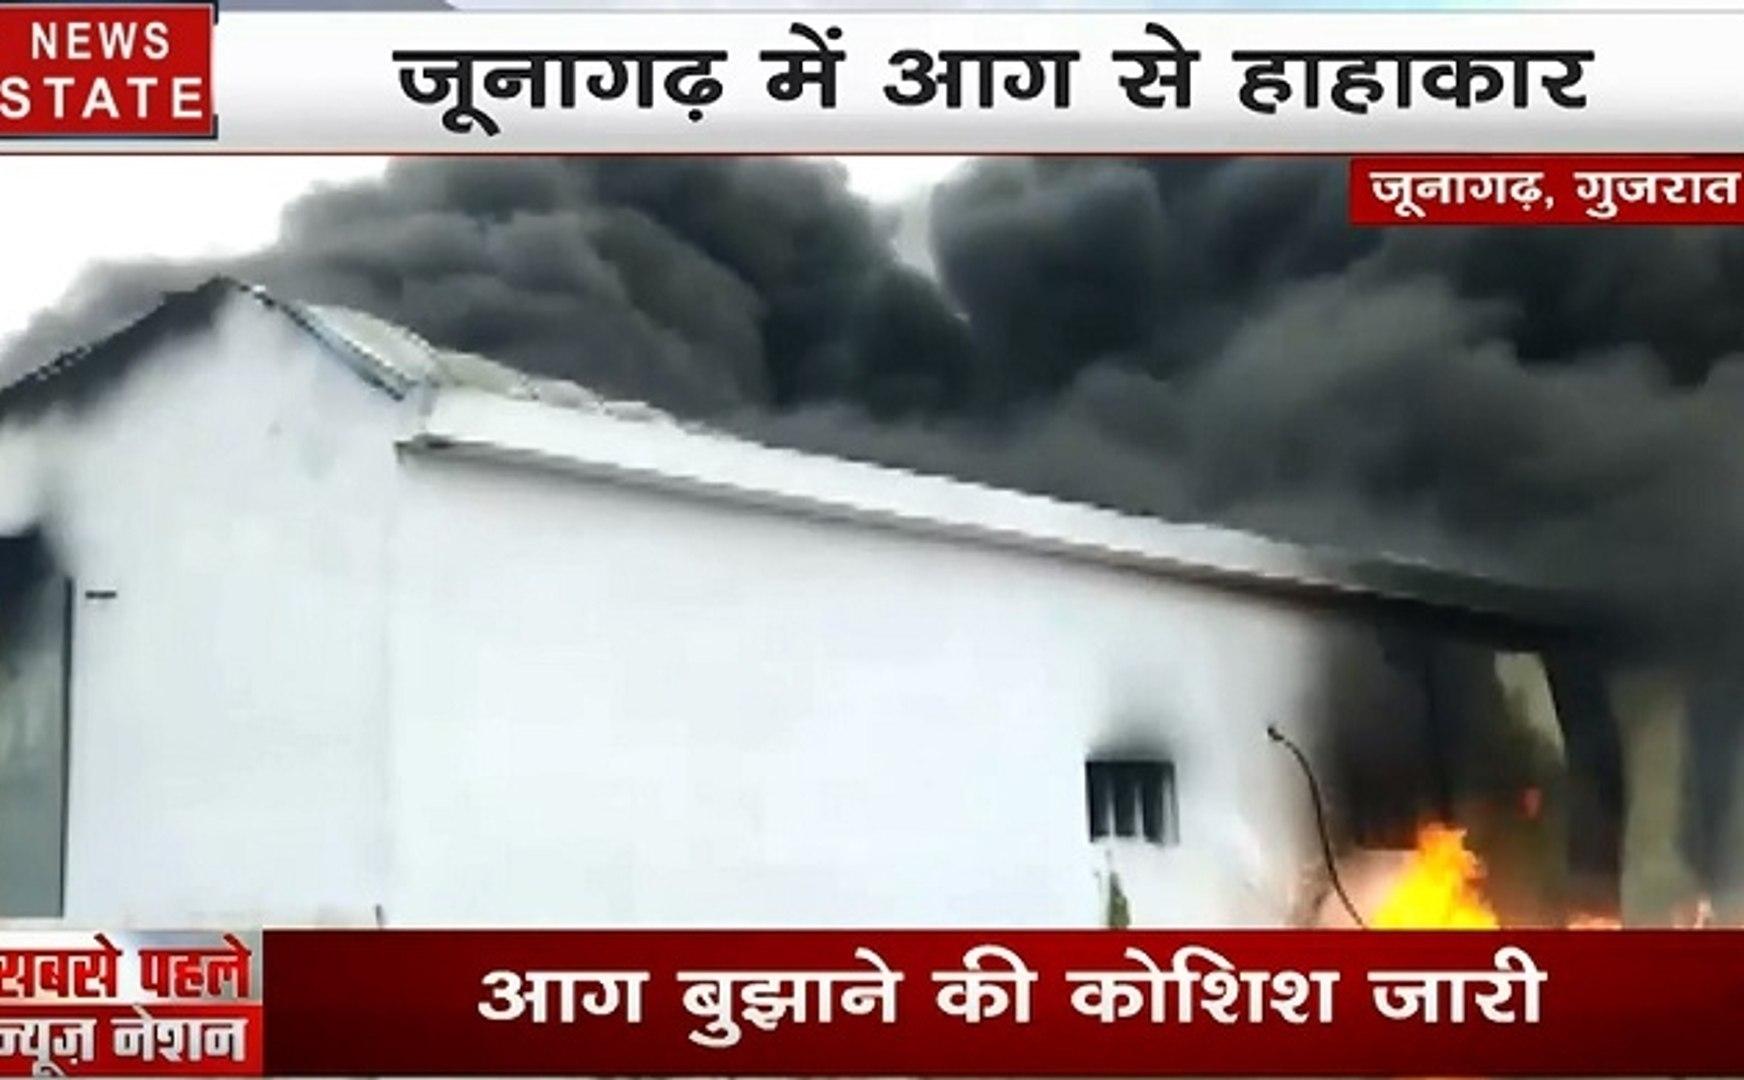 गुजरात: जूनागढ़- प्लास्टिक फैक्ट्री में लगी भीषण आग, देखें वीडियो